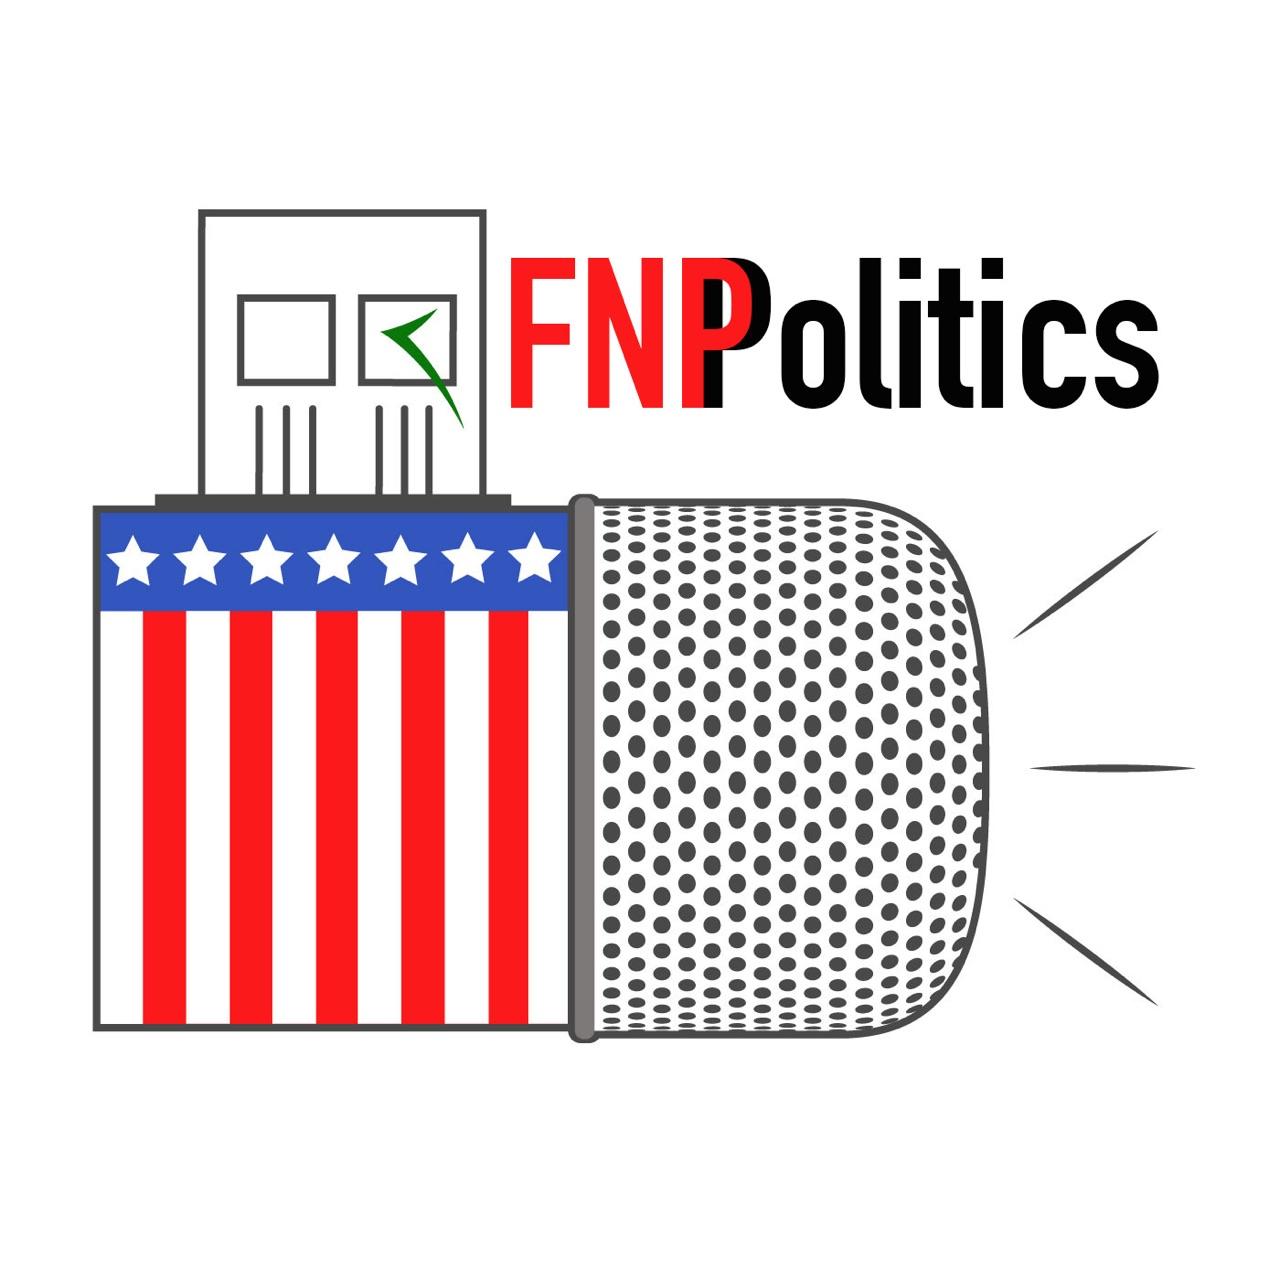 FNP Politics.JPG